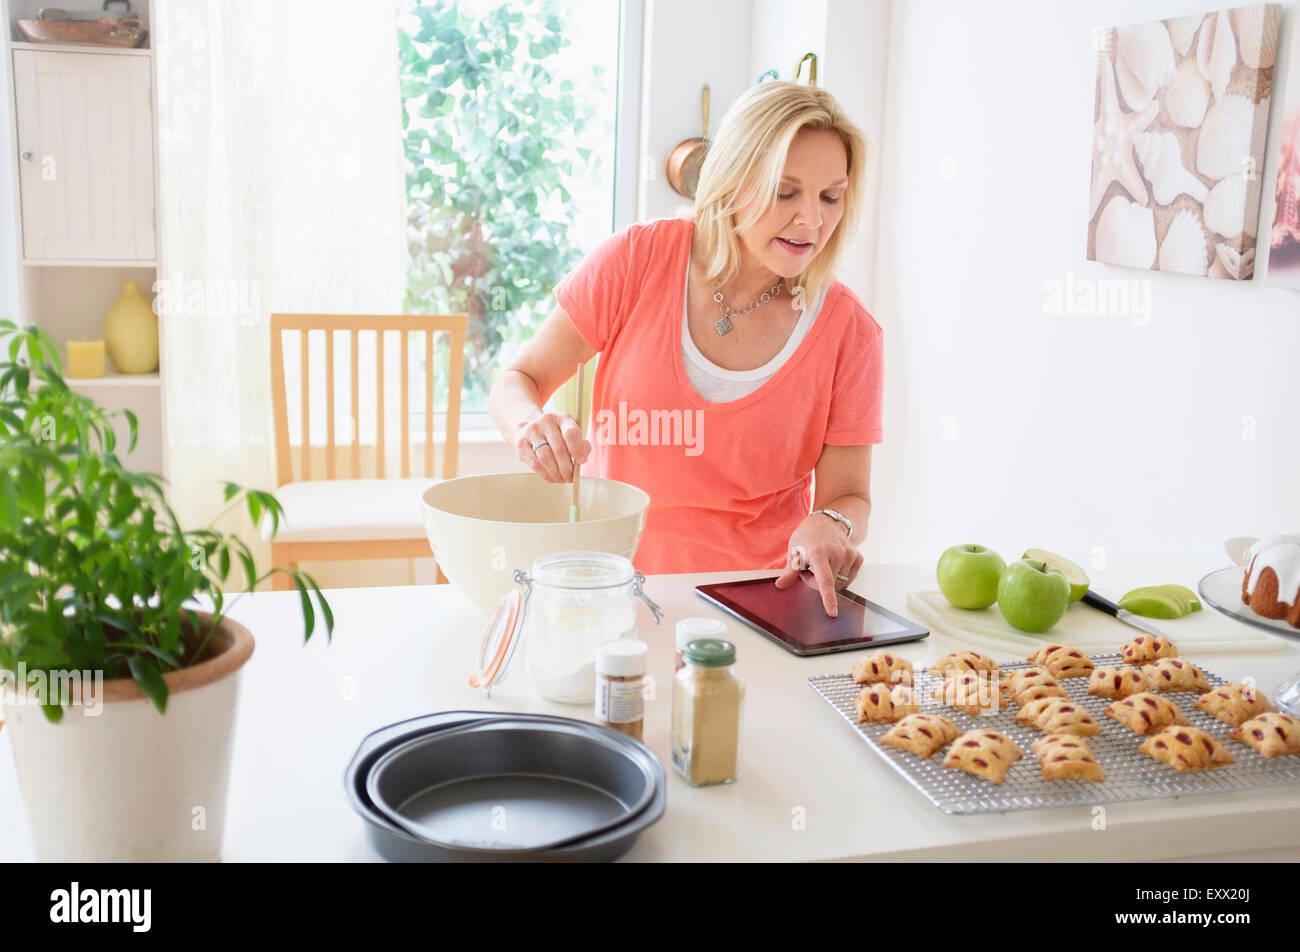 Reife Frau in Küche Backen Stockfoto